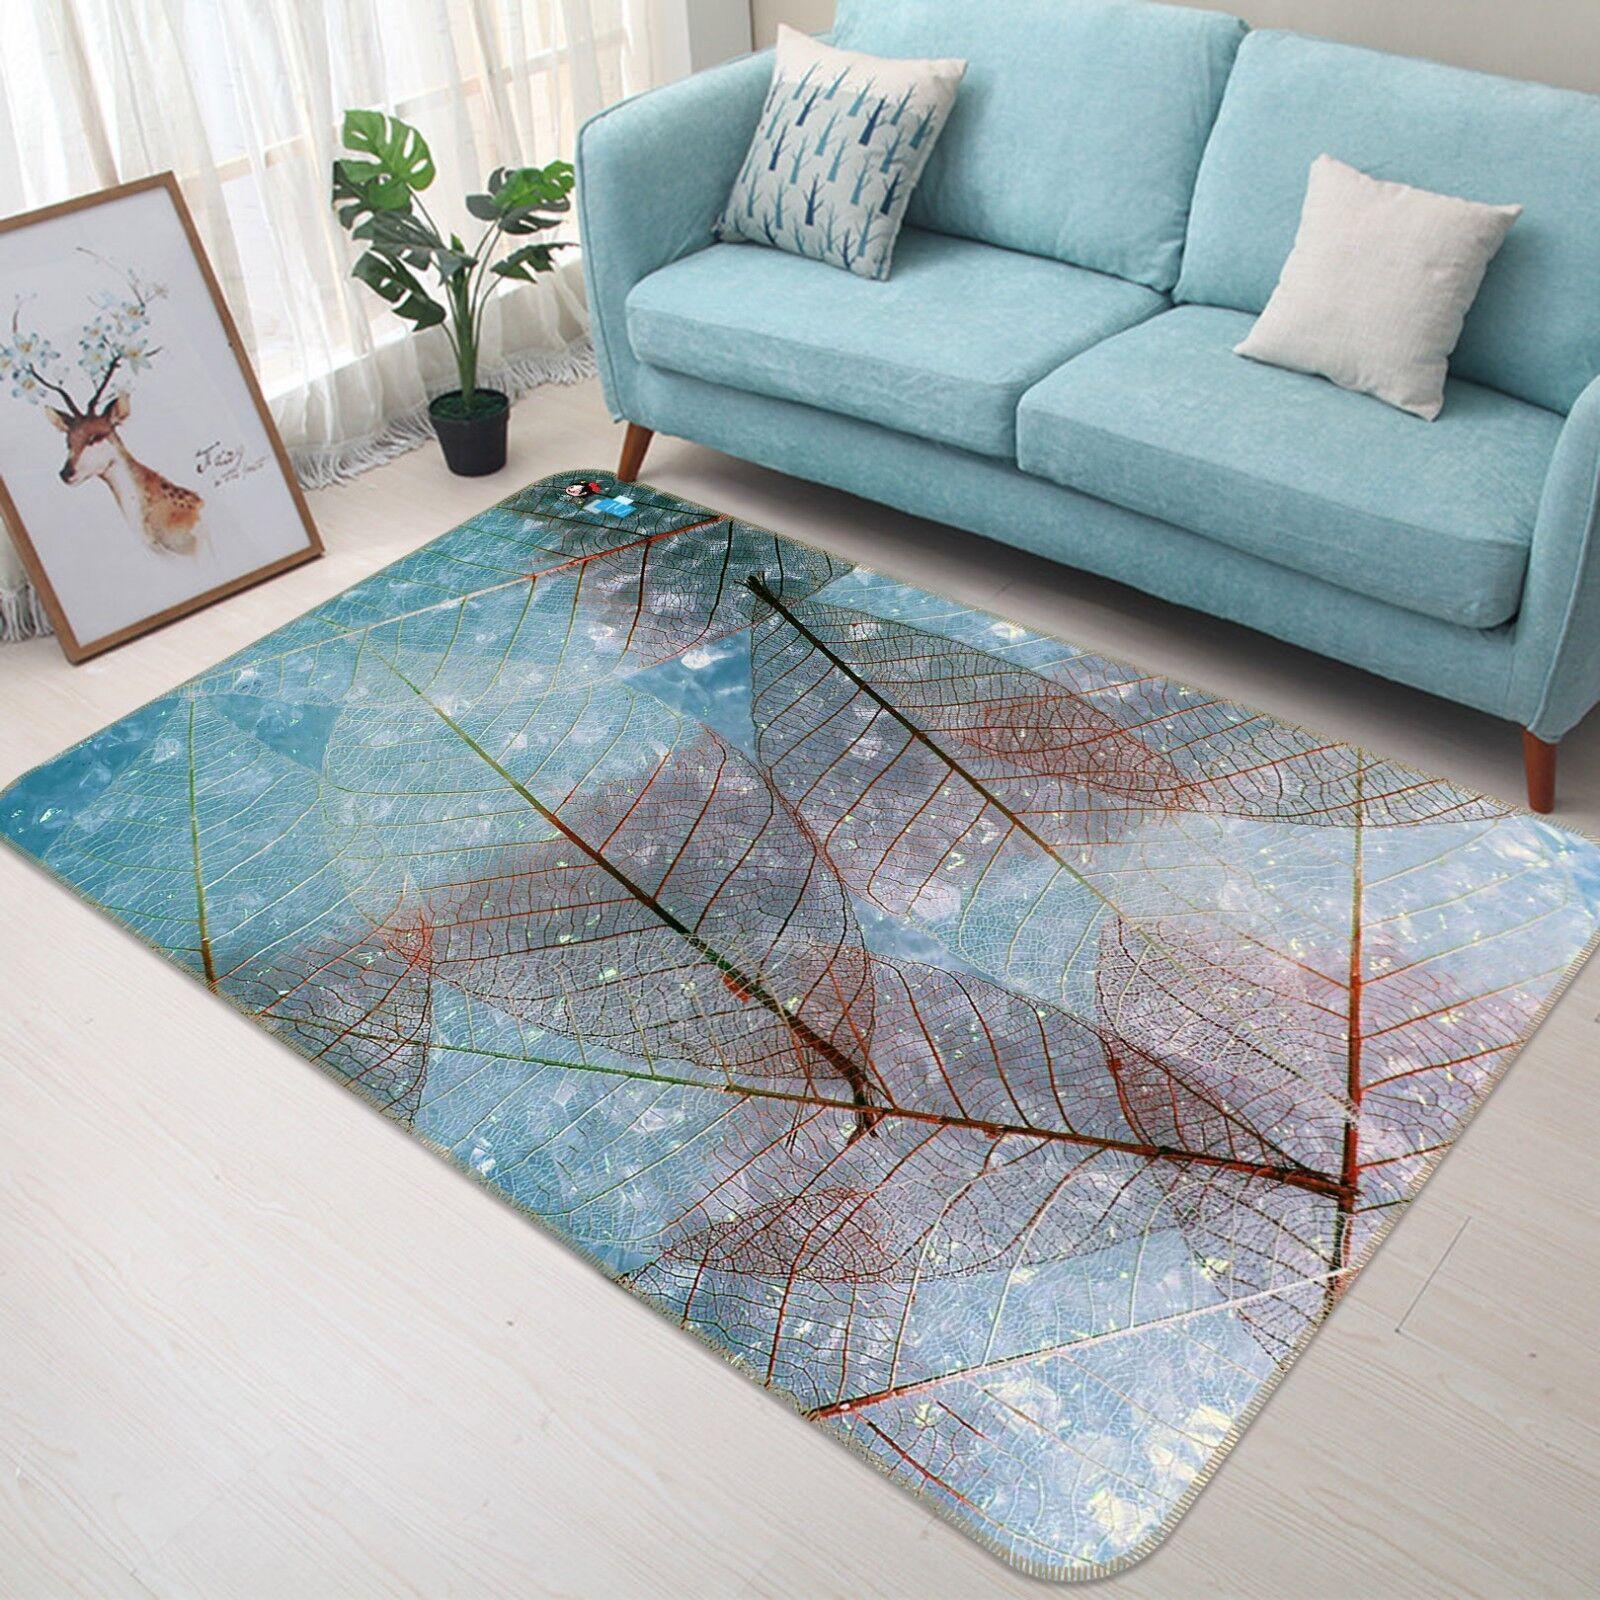 3d hojas textura 759 antideslizante alfombra alfombrilla para maletero alfombra elegante de